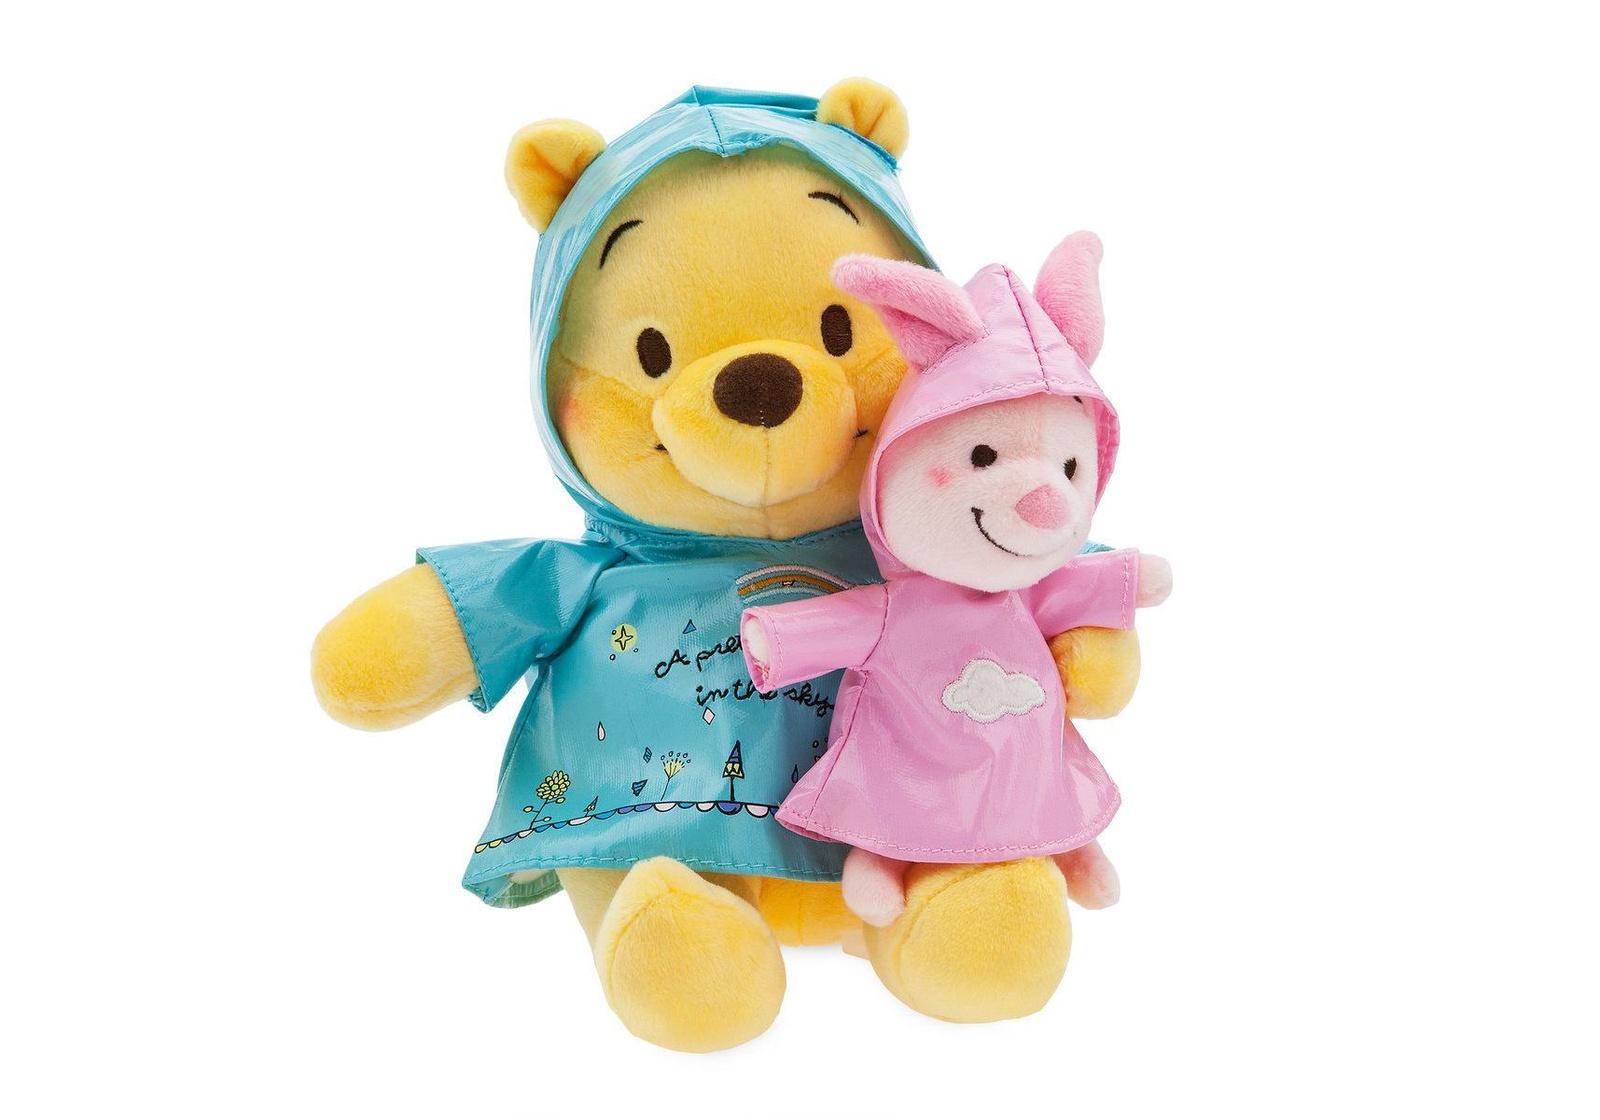 Мягкая игрушка Винни и его друзья Дисней медвежонок и Хрюник disney набор игрушек для песочницы винни и его друзья 4